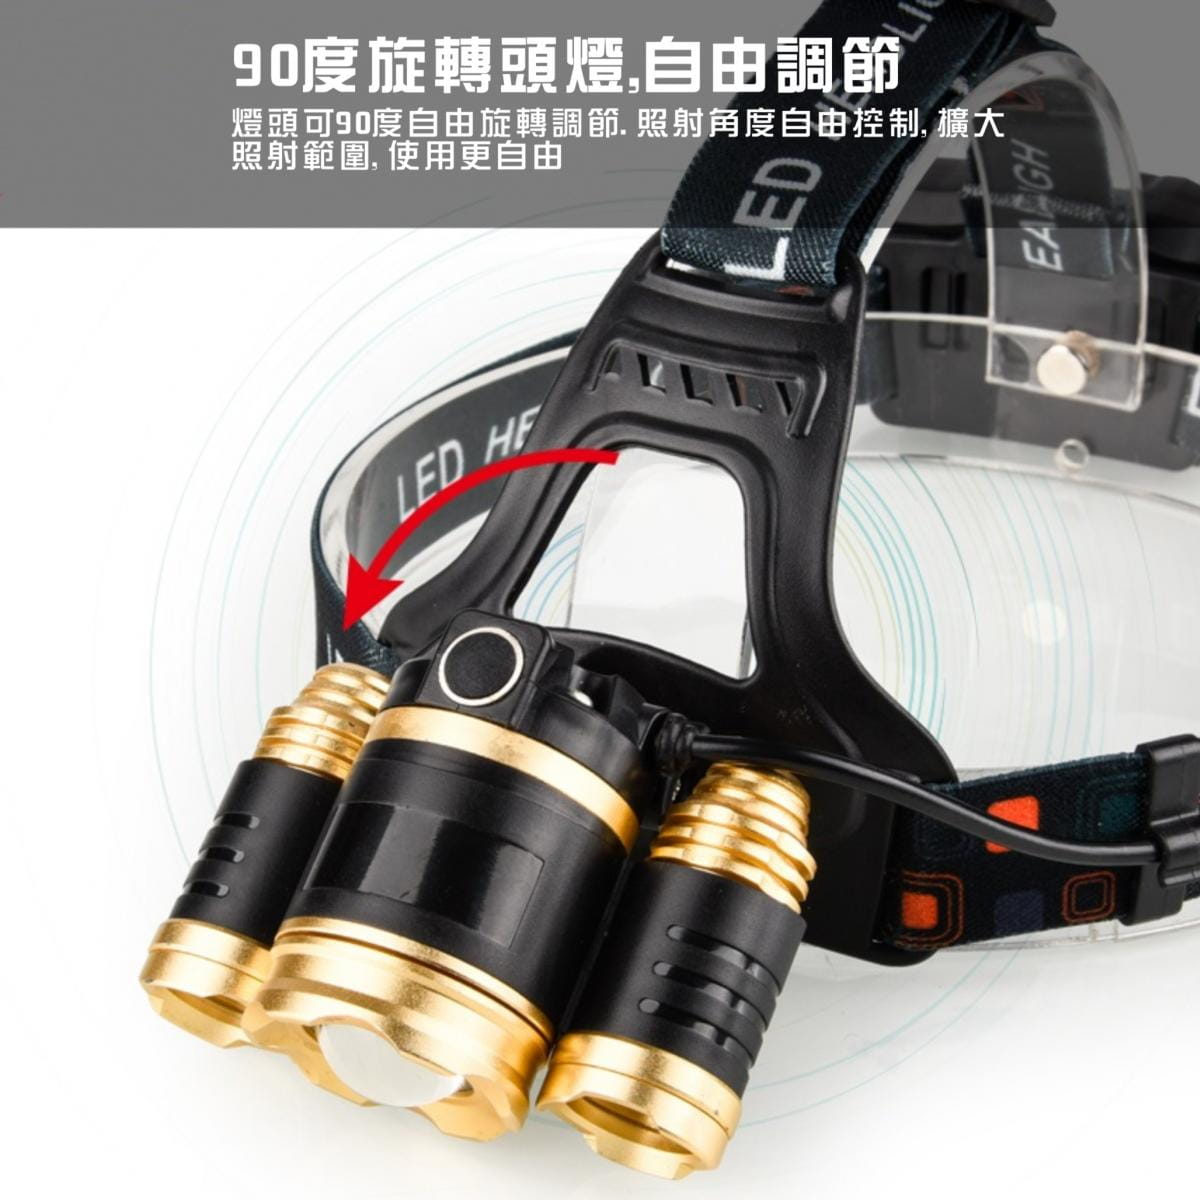 美國超亮CREE燈珠 LED戶外頭燈組 4